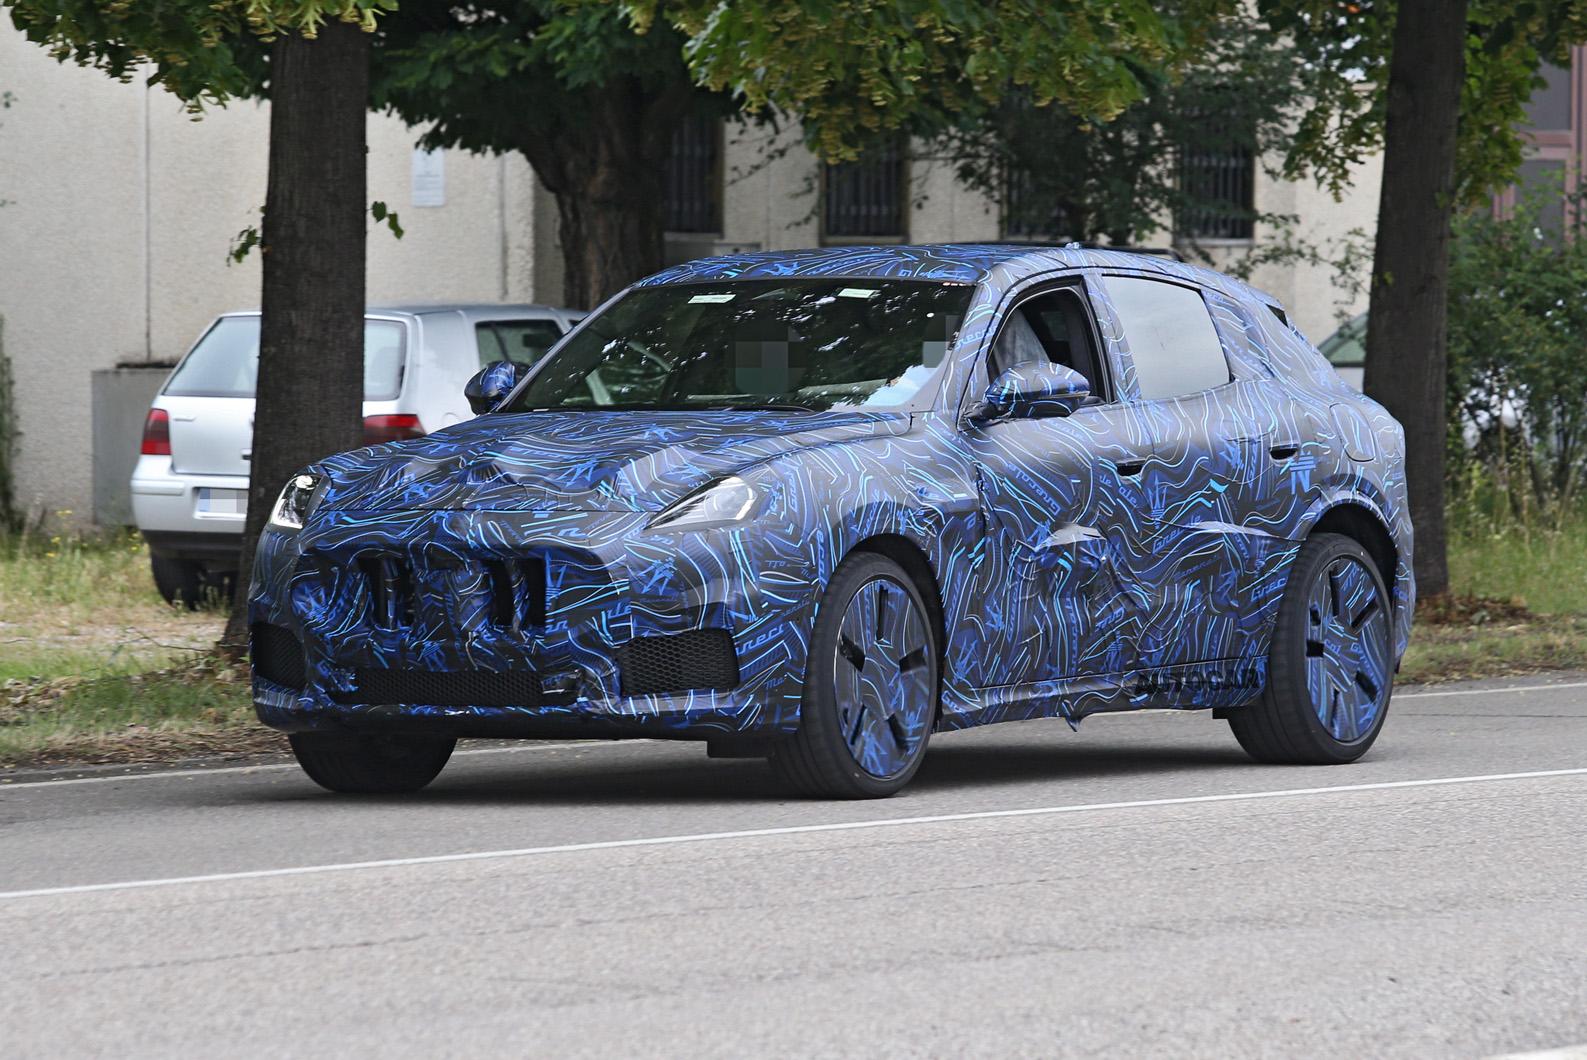 Nuevo SUV Maserati Grecale descubierto antes del lanzamiento en 2021